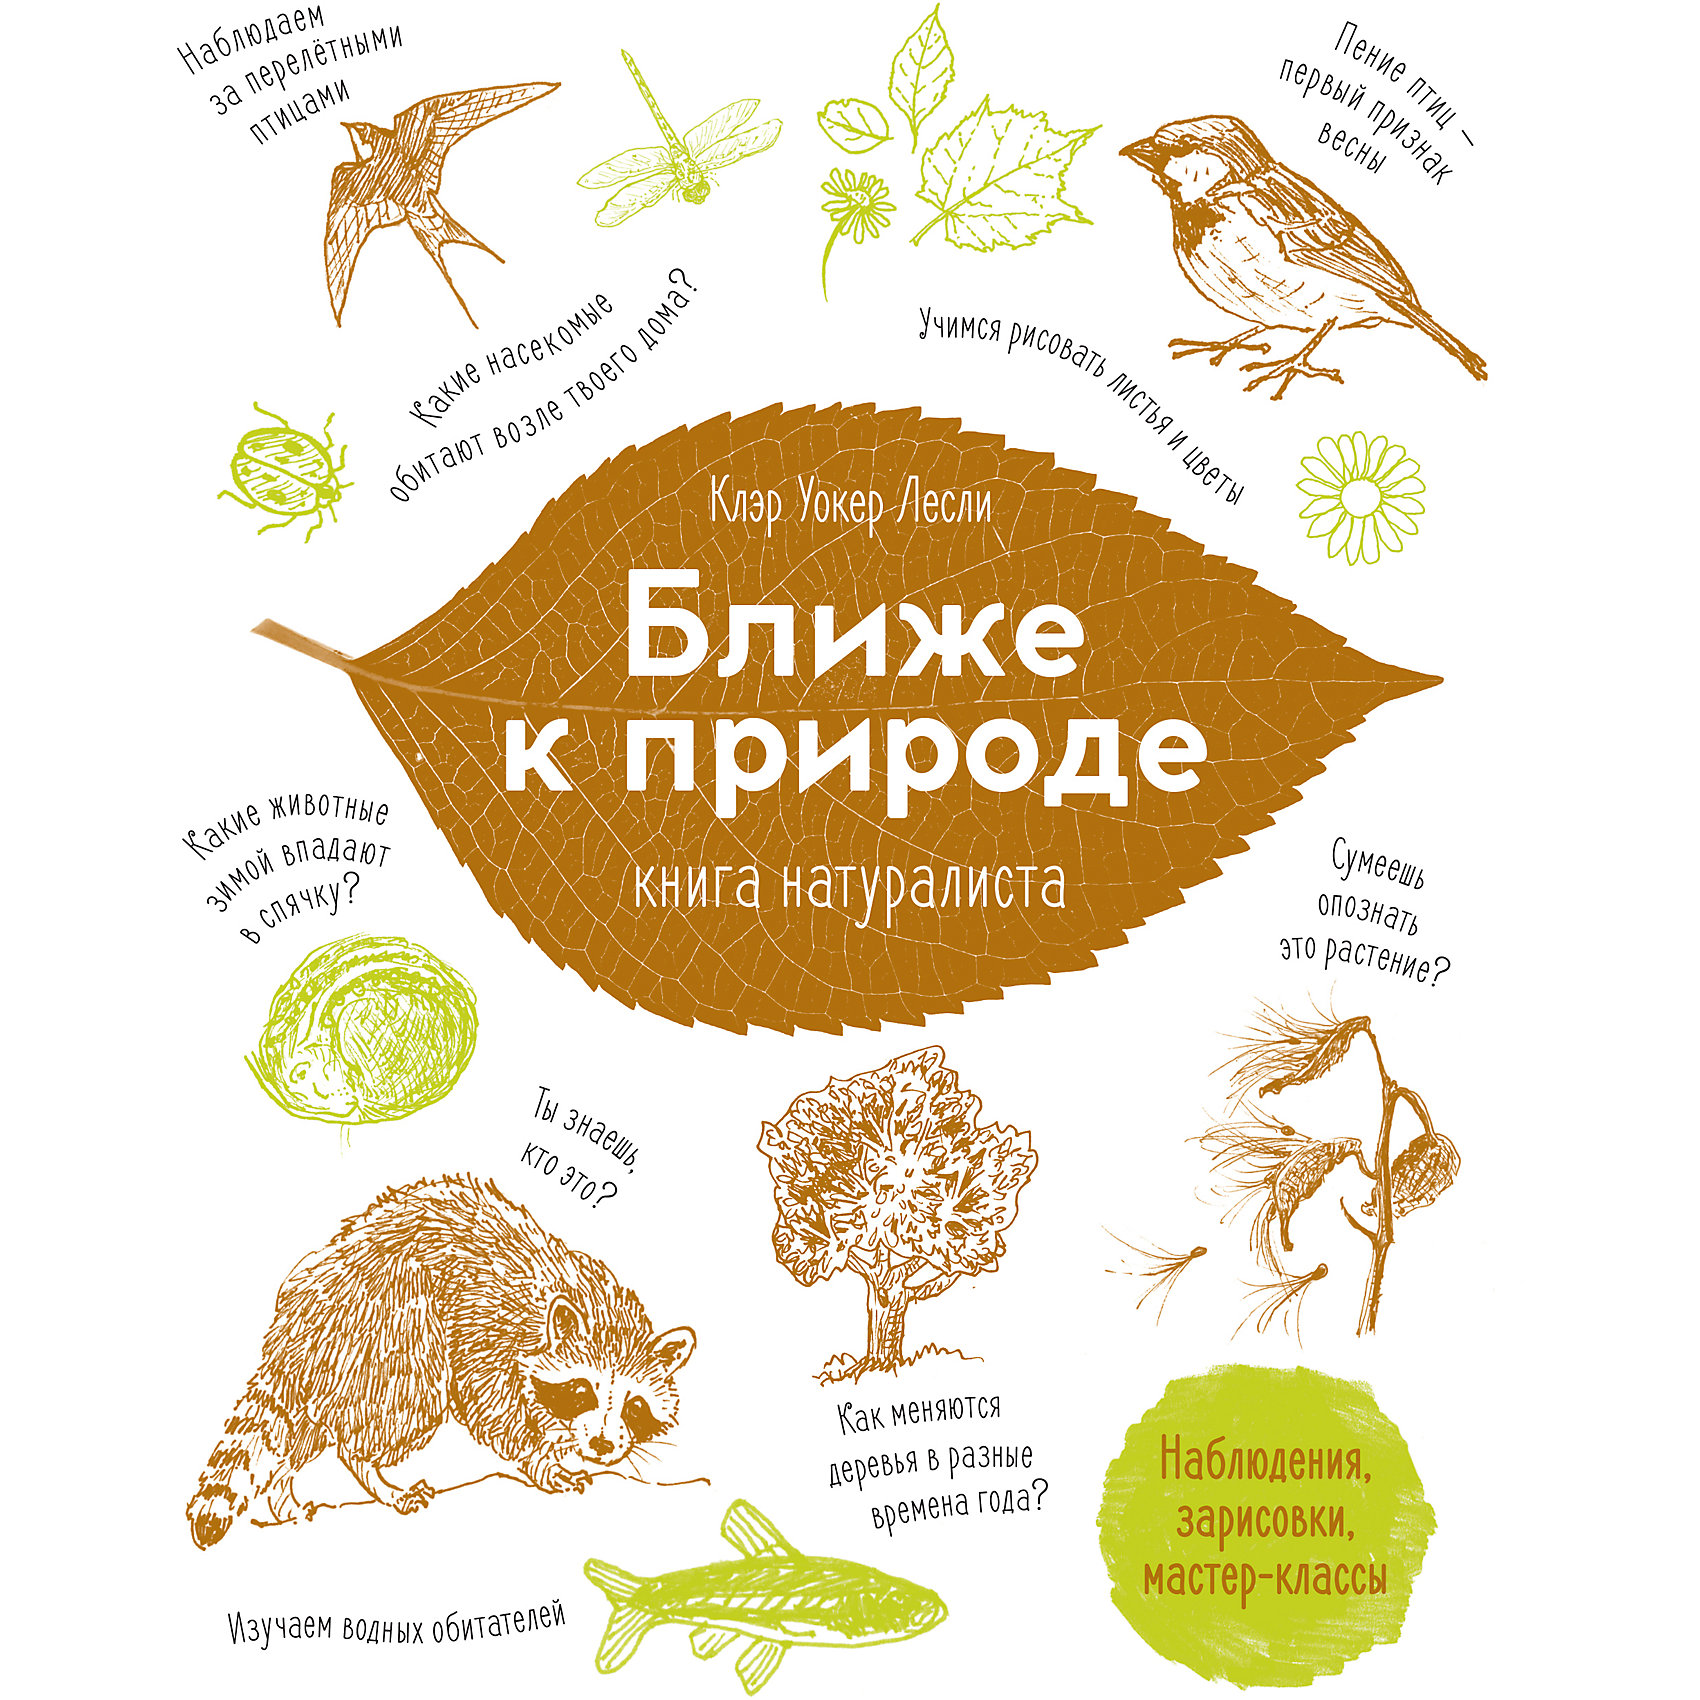 Манн, Иванов и Фербер Ближе к природе. Книга натуралиста